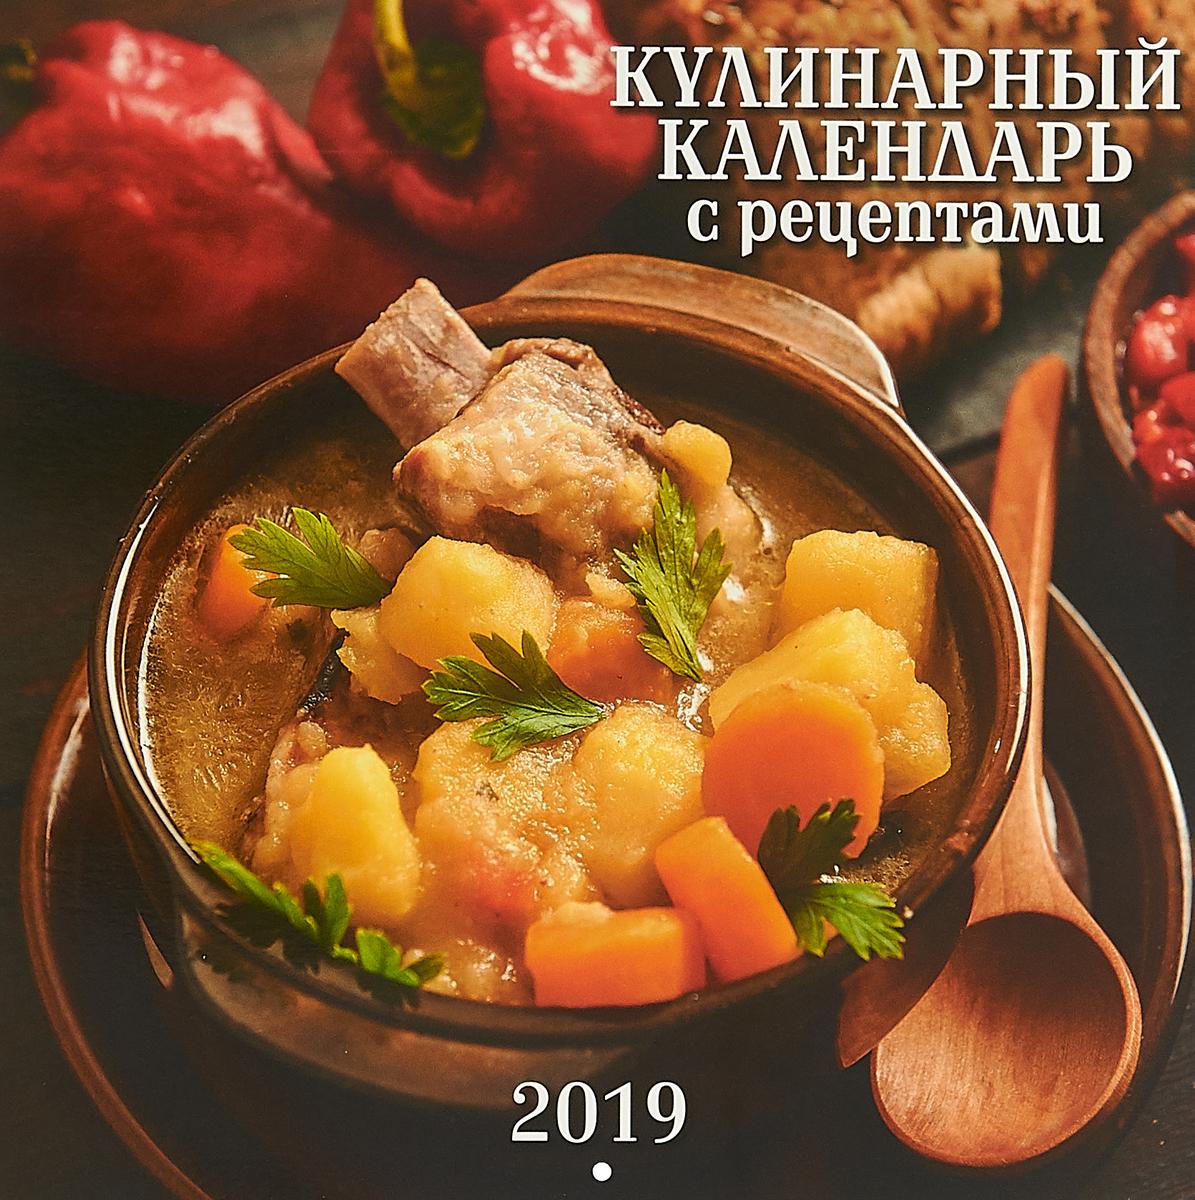 купить Календарь 2019 (на скрепке). Кулинарный календарь с рецептами по цене 44 рублей